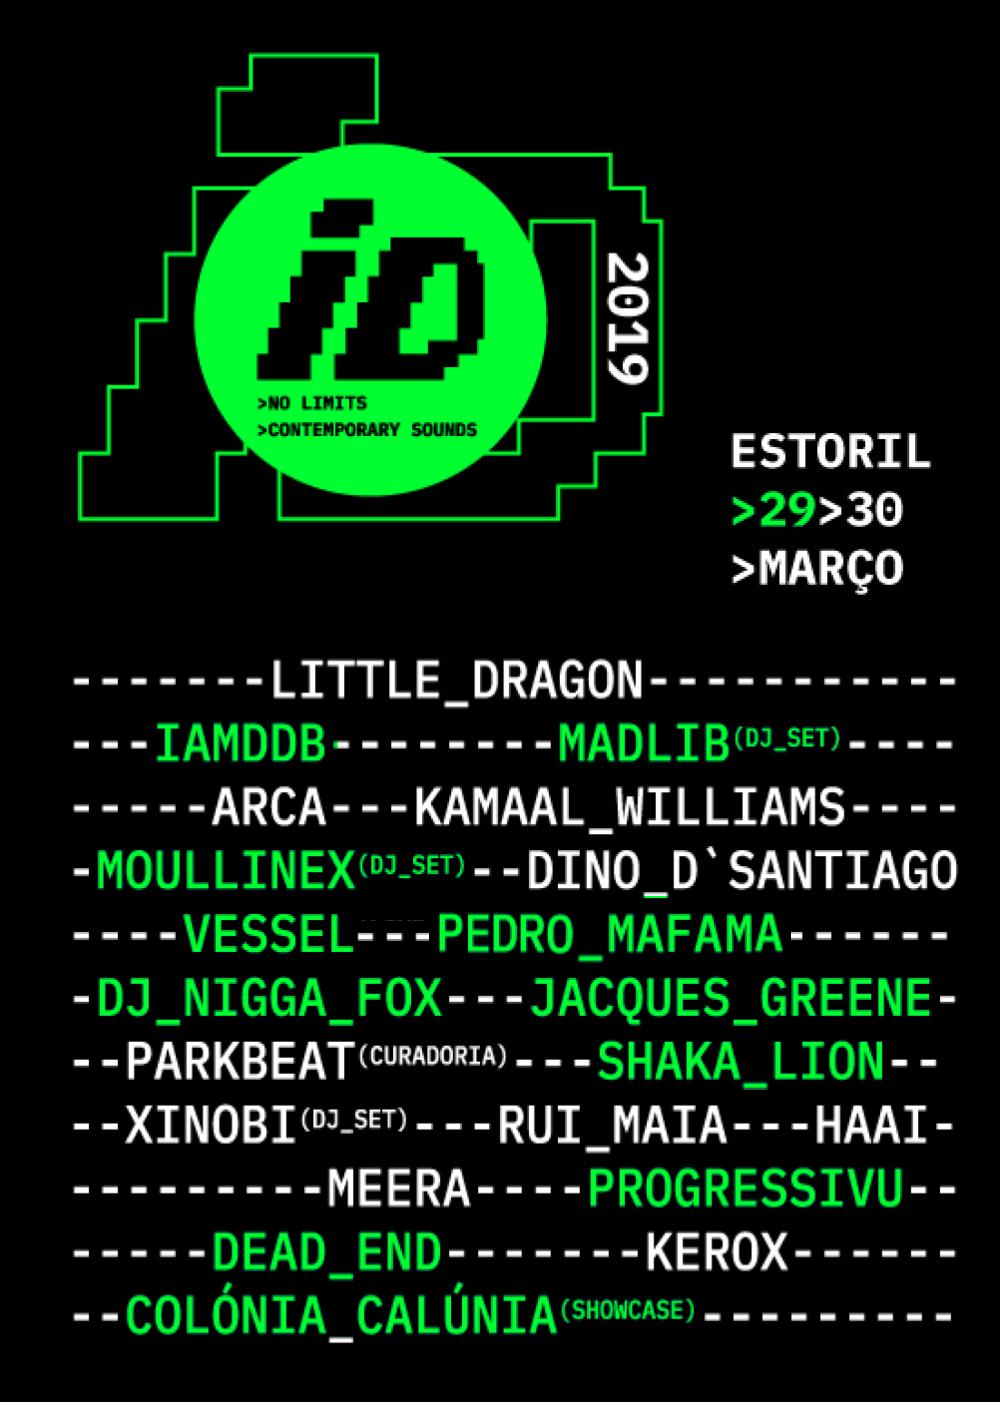 @Centro de Congressos do Estoril @Estoril